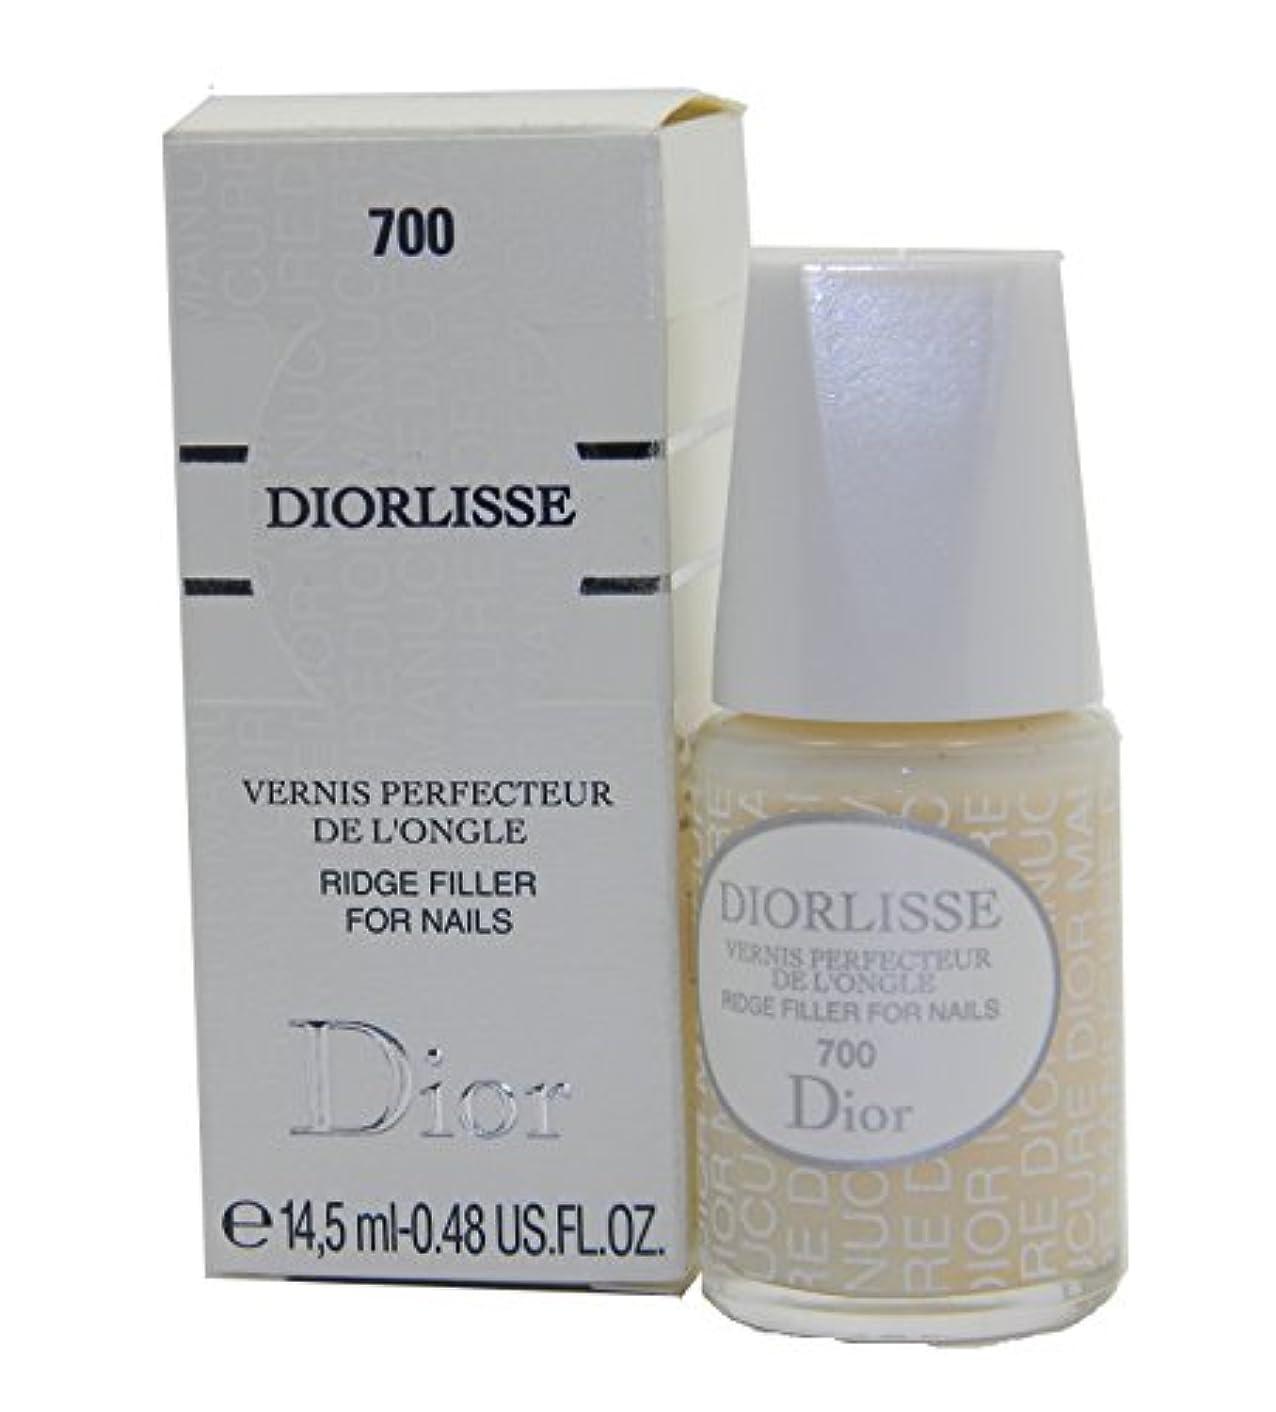 吸収剤性差別実際のDior Diorlisse Ridge Filler For Nail 700(ディオールリス リッジフィラー フォーネイル 700)[海外直送品] [並行輸入品]